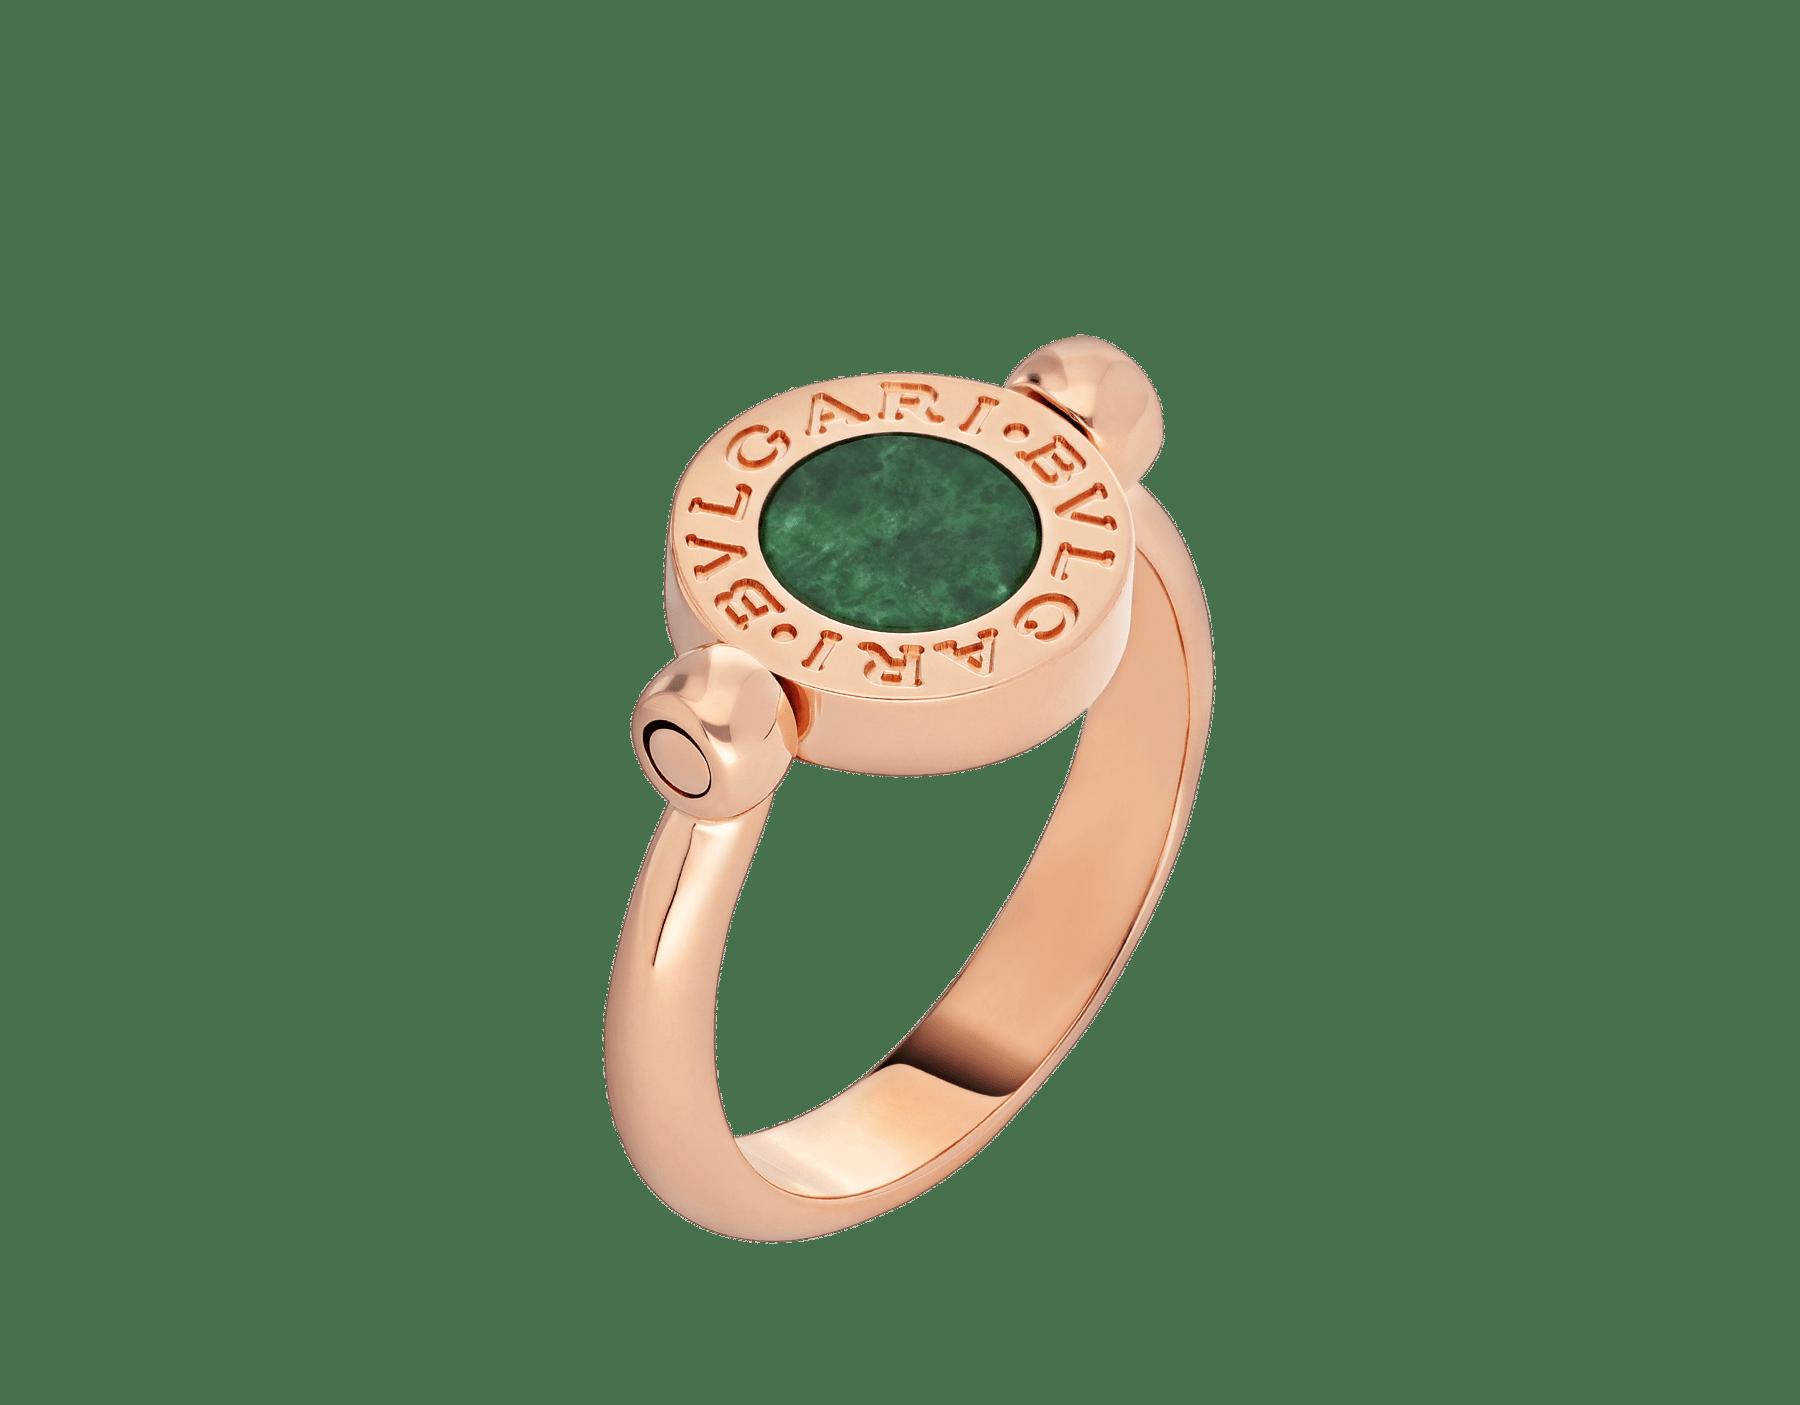 Bague réversible BVLGARI BVLGARI en or rose 18K sertie d'éléments en jade et pavé diamants AN857356 image 1